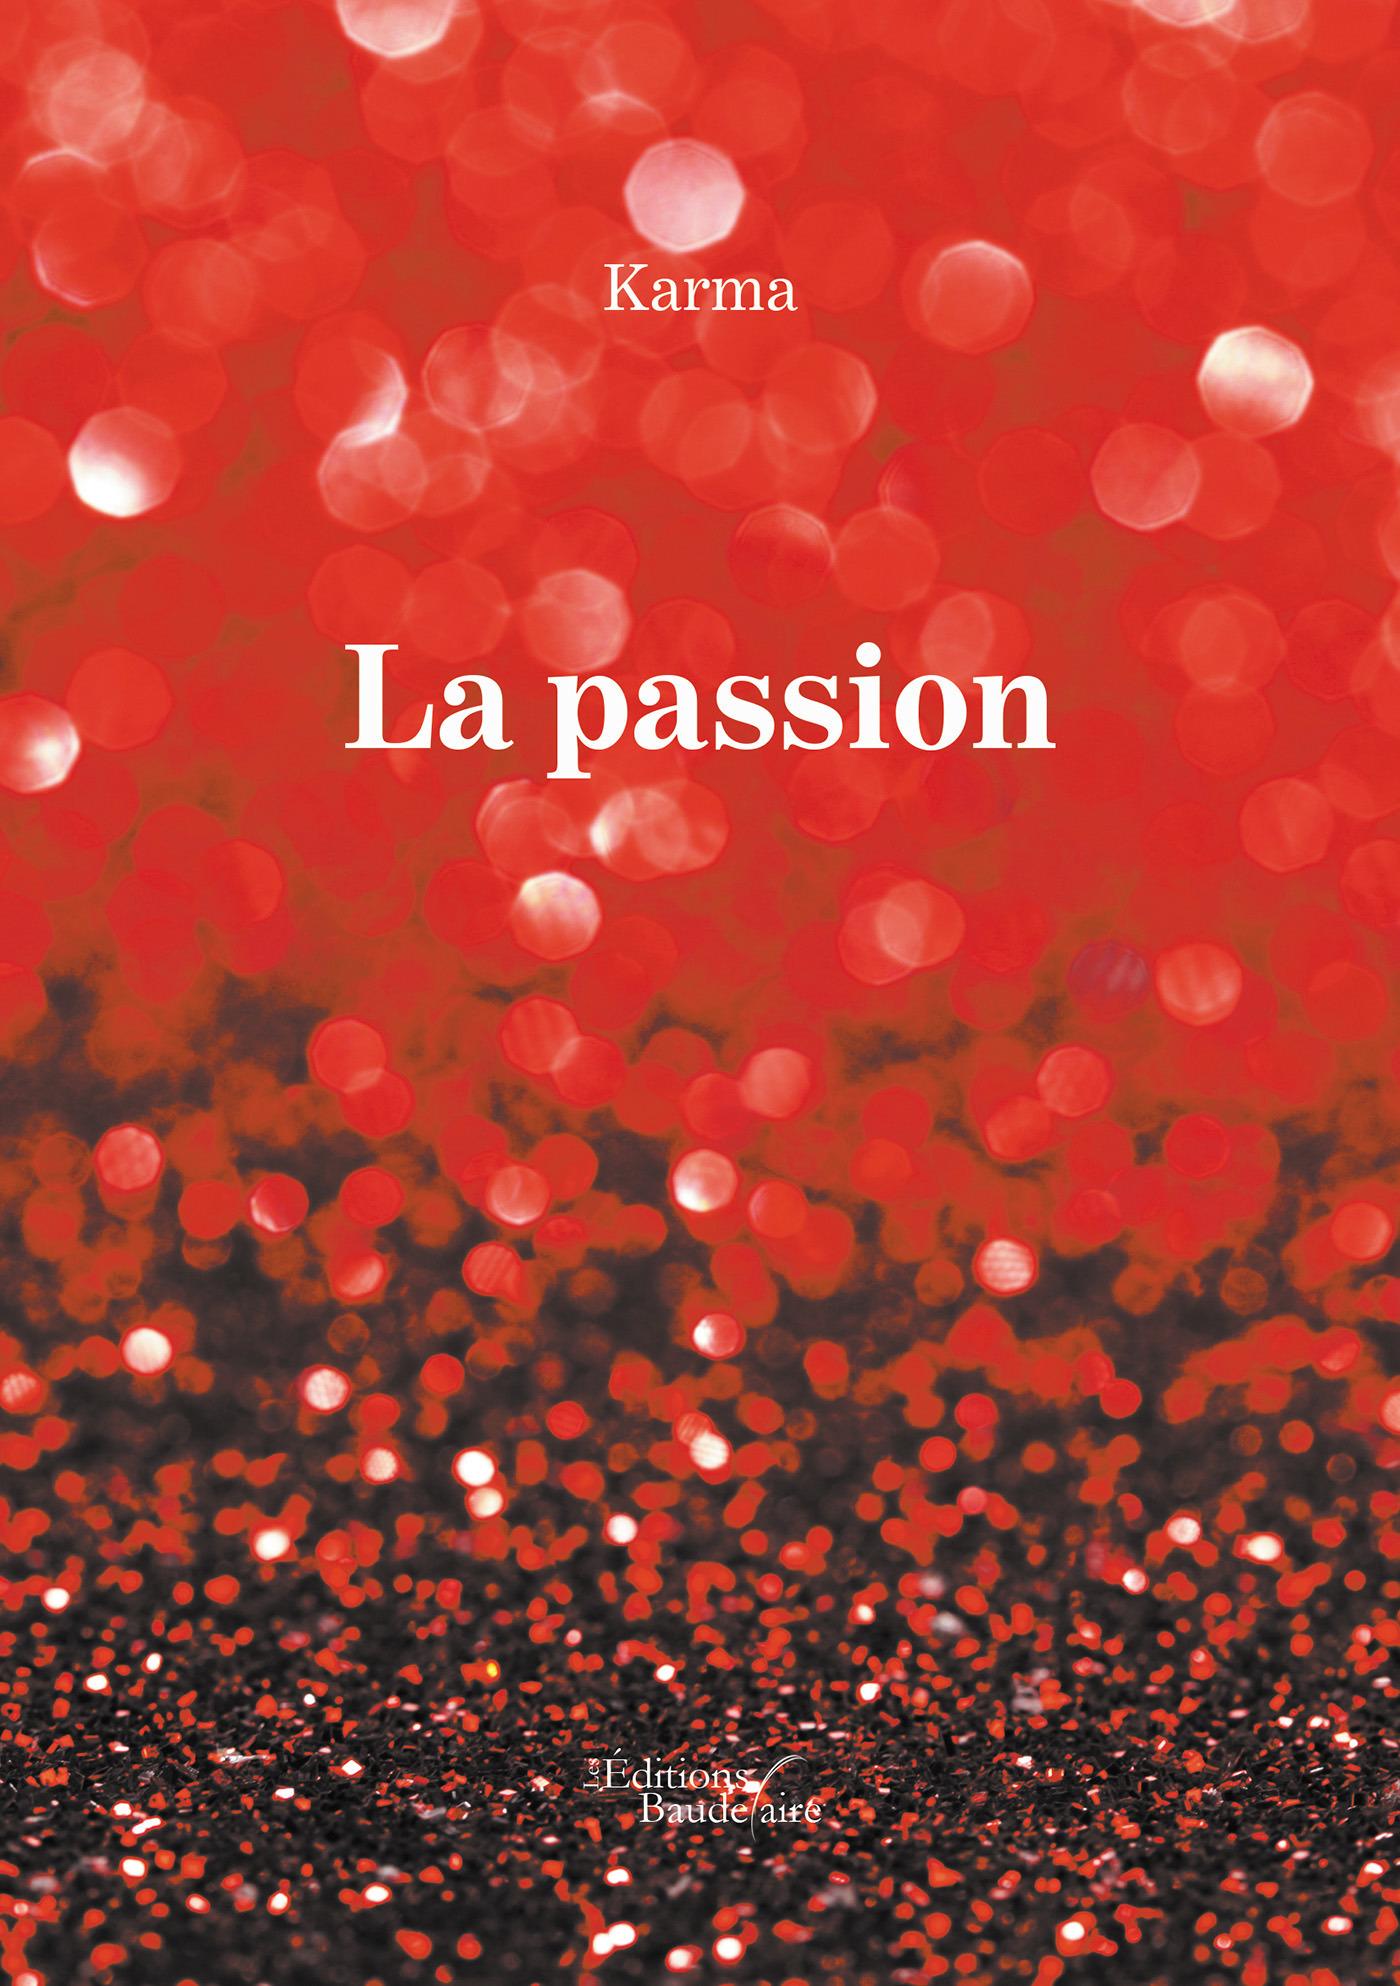 La passion  - Karma